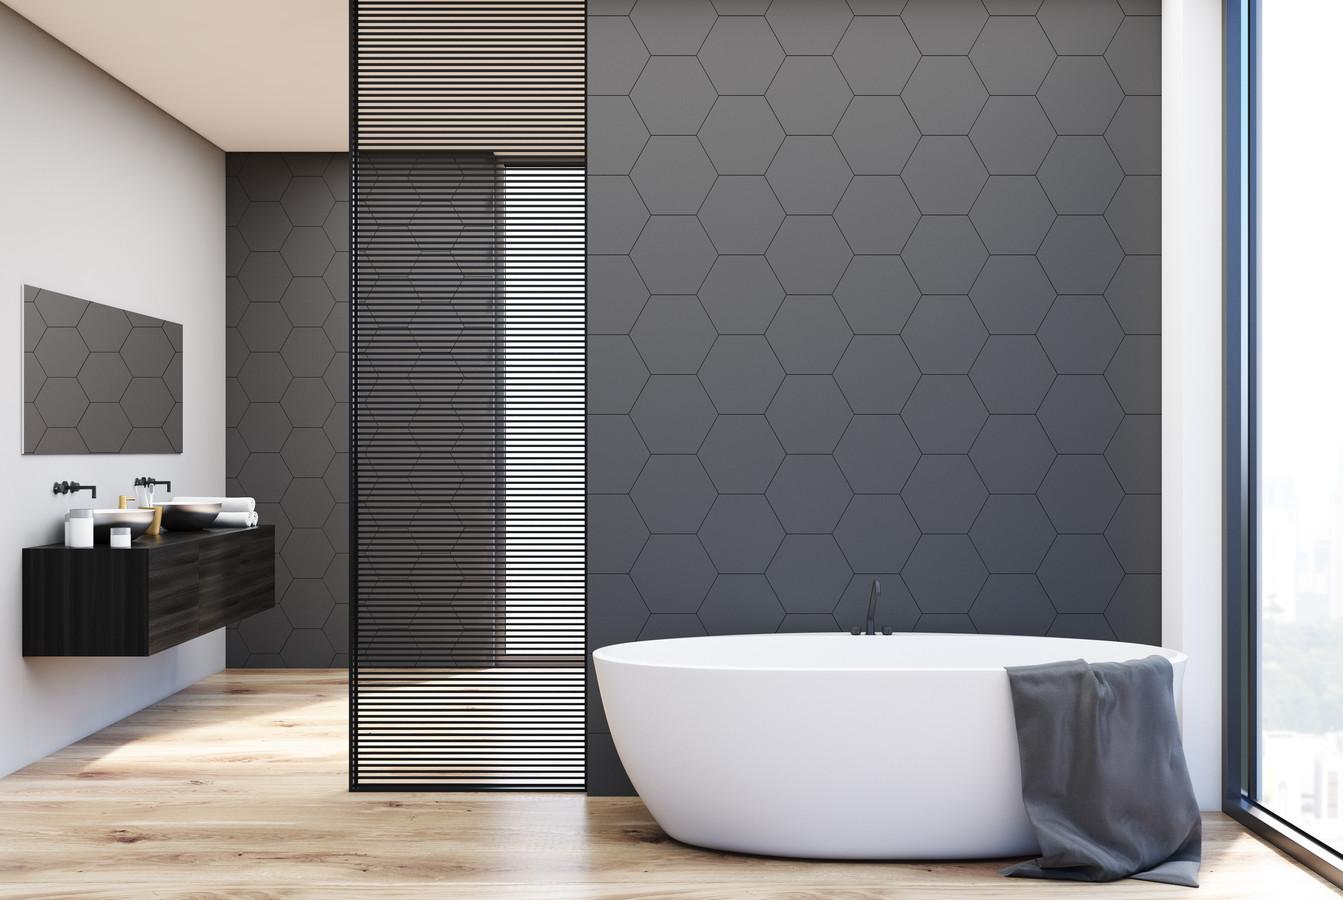 Moderne, luxe badkamers krijgen bijna de uitstraling van een spa, met naast de dubbele wastafel soms ook wel twee douches.